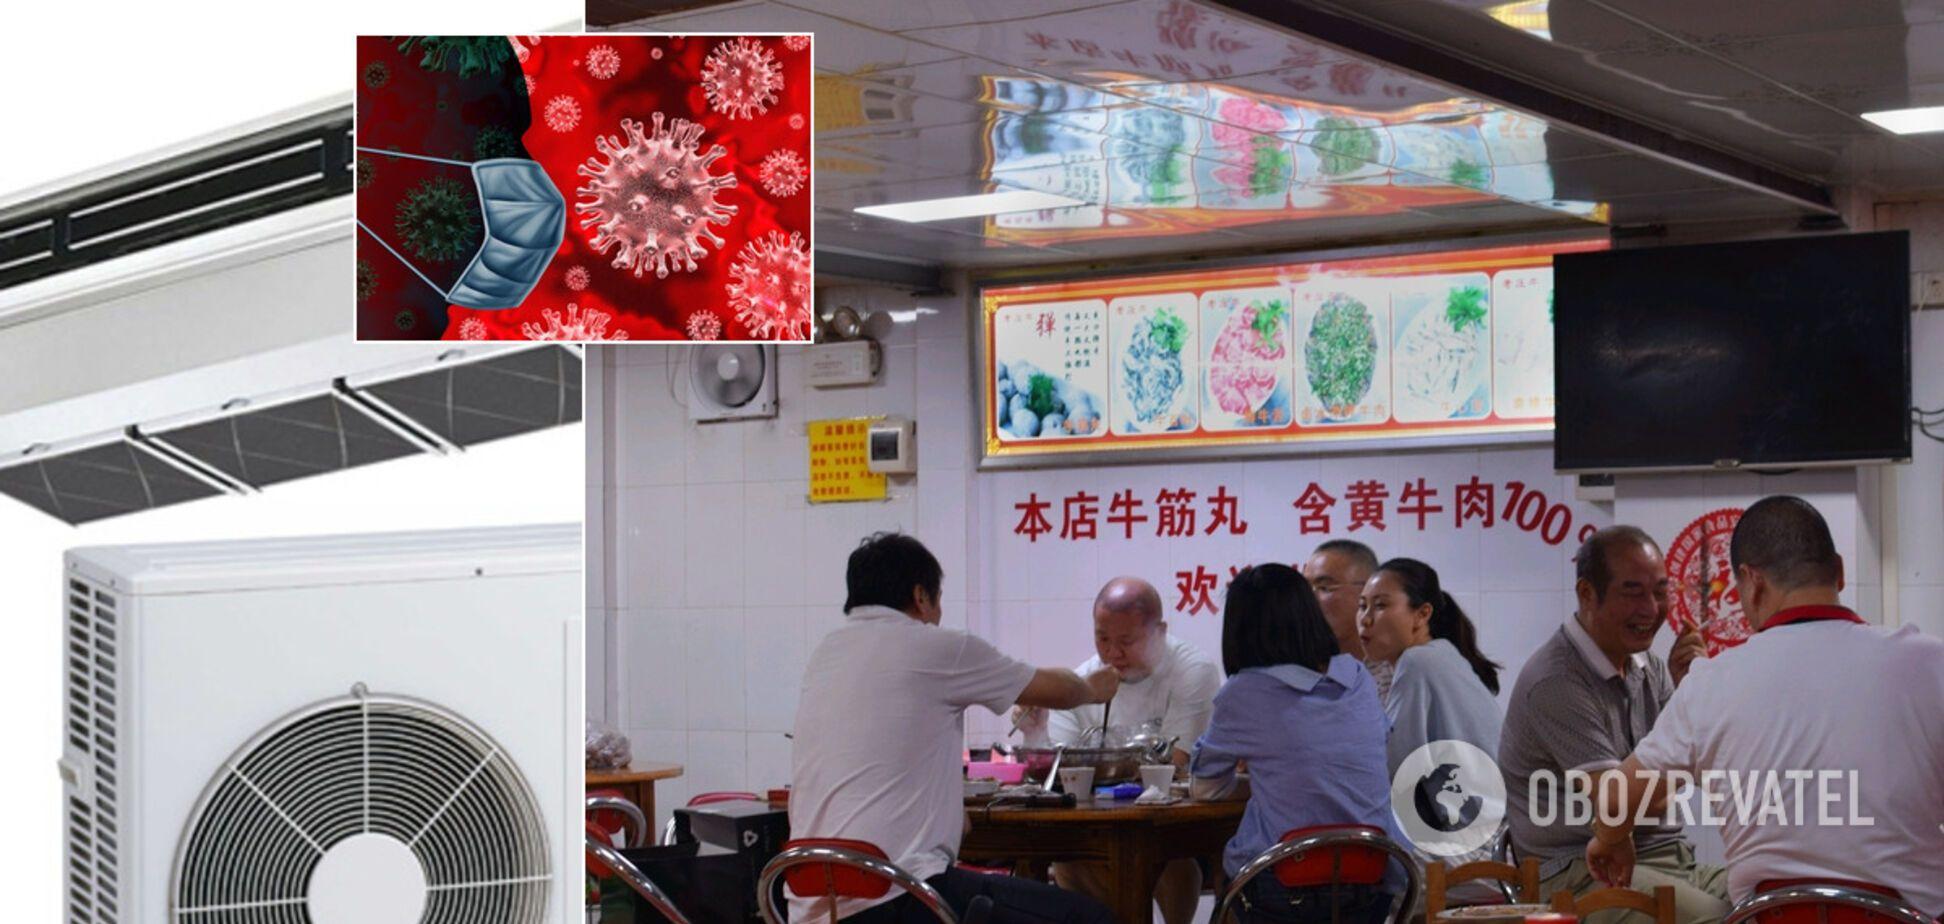 Коронавірус передається через кондиціонер: у Китаї заявили про небезпеку